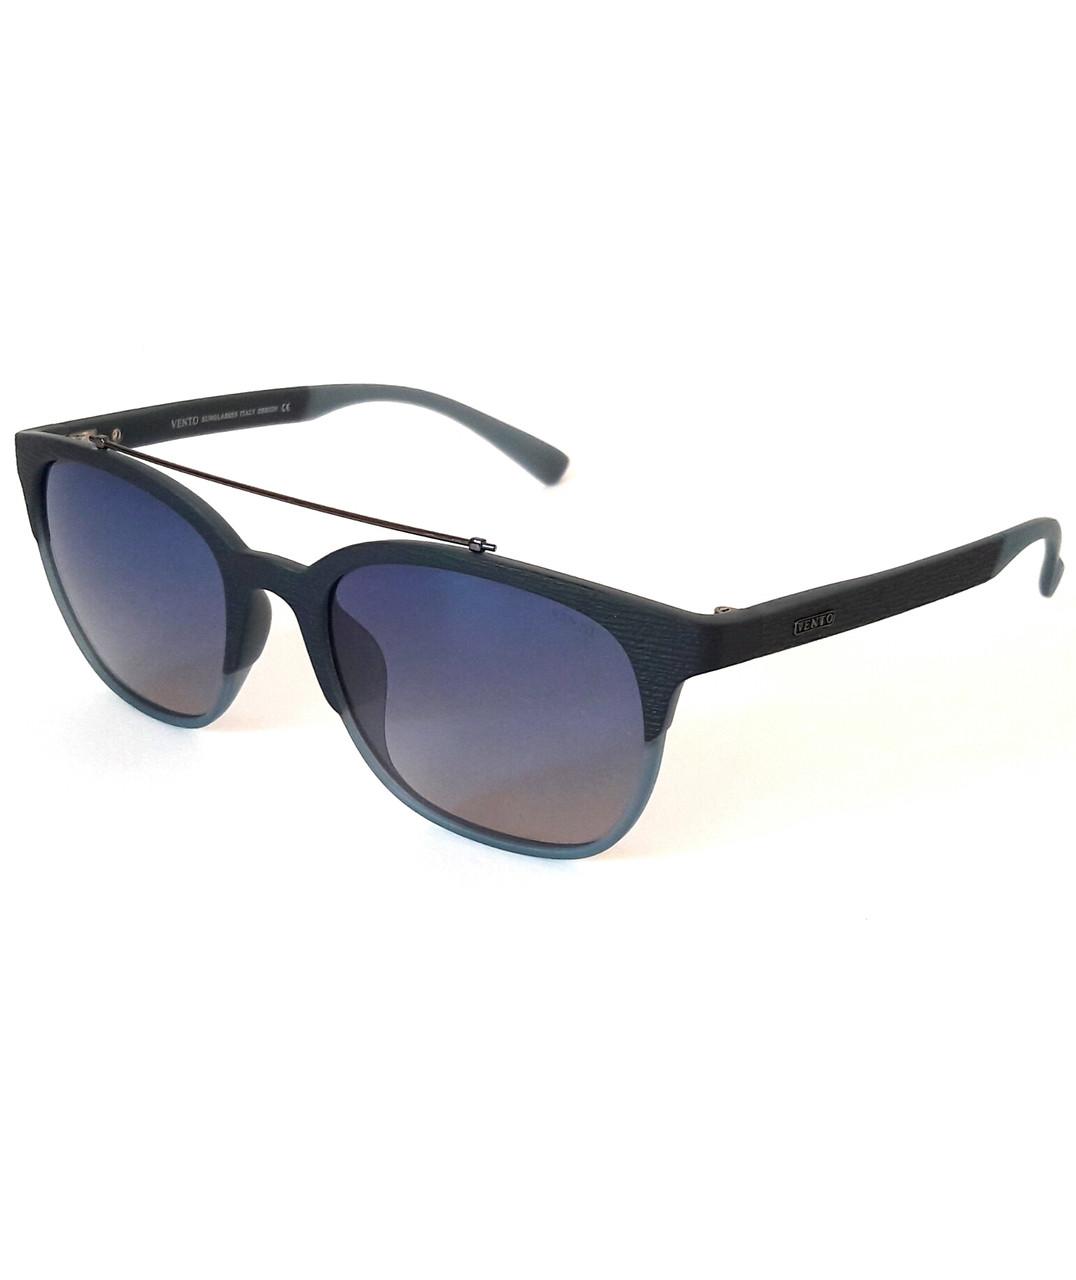 Сонцезахисні окуляри з поляризацією, темно-сині, унісекс, Vento